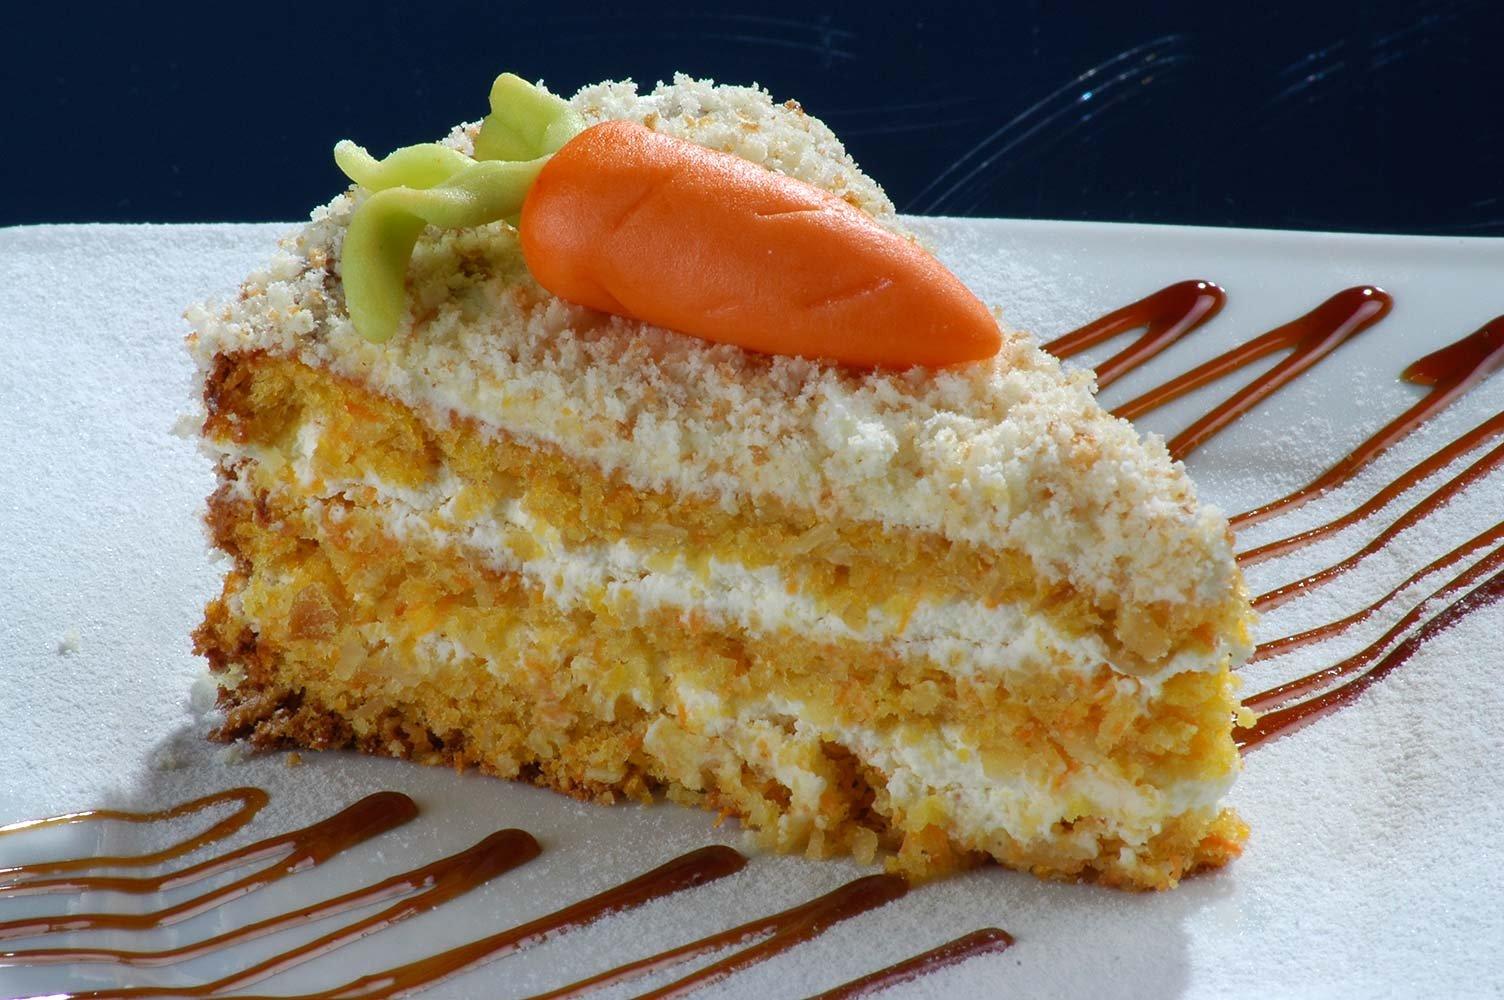 спелеологи спелеодайверы рецепты американских тортов с фото жизнь изучена плохо